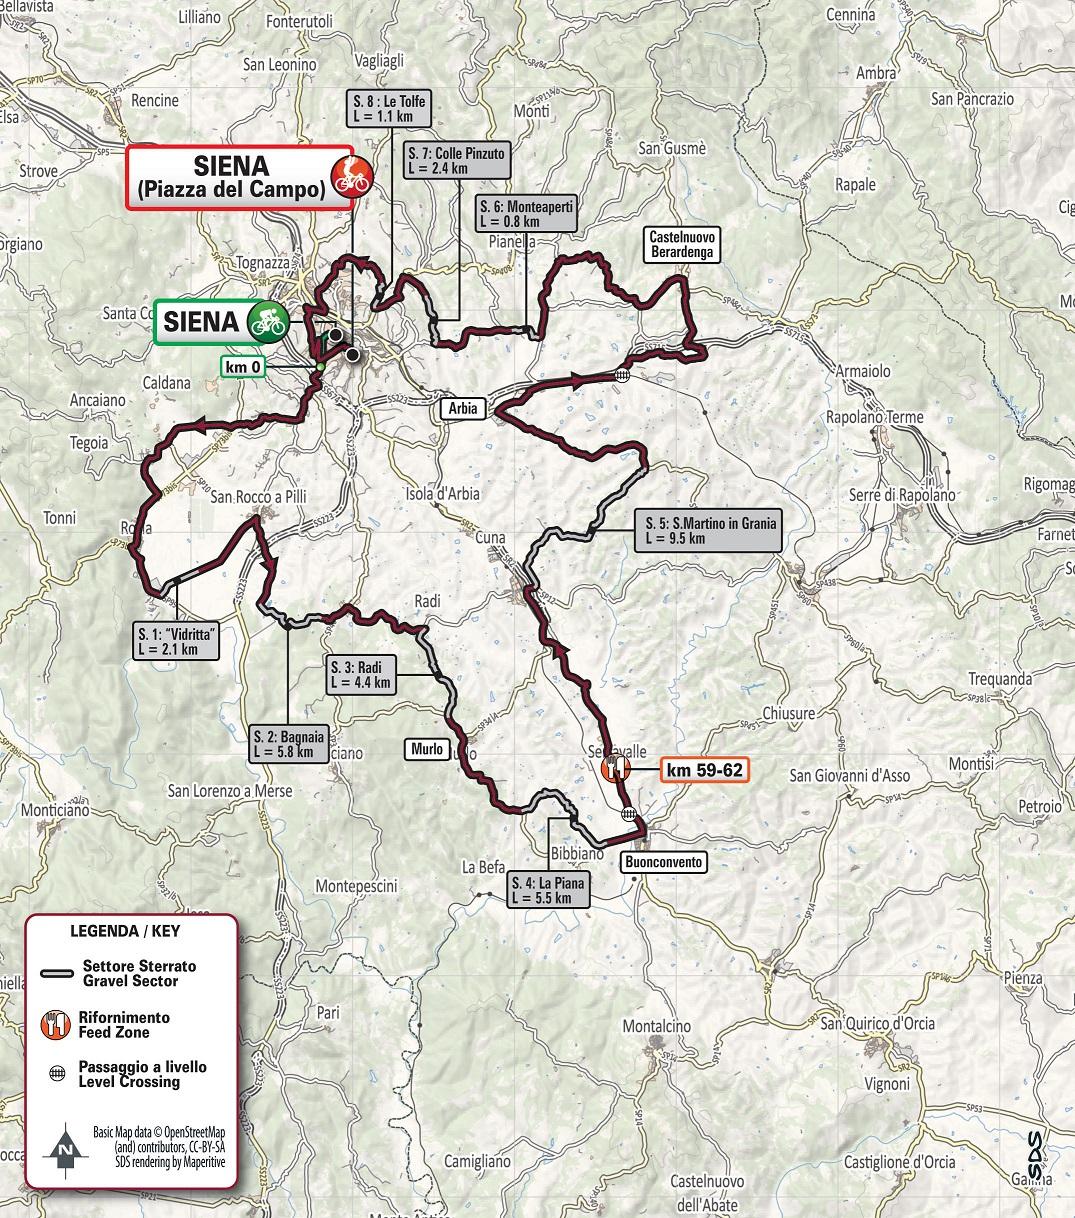 Streckenverlauf Strade Bianche 2020 (Frauen)